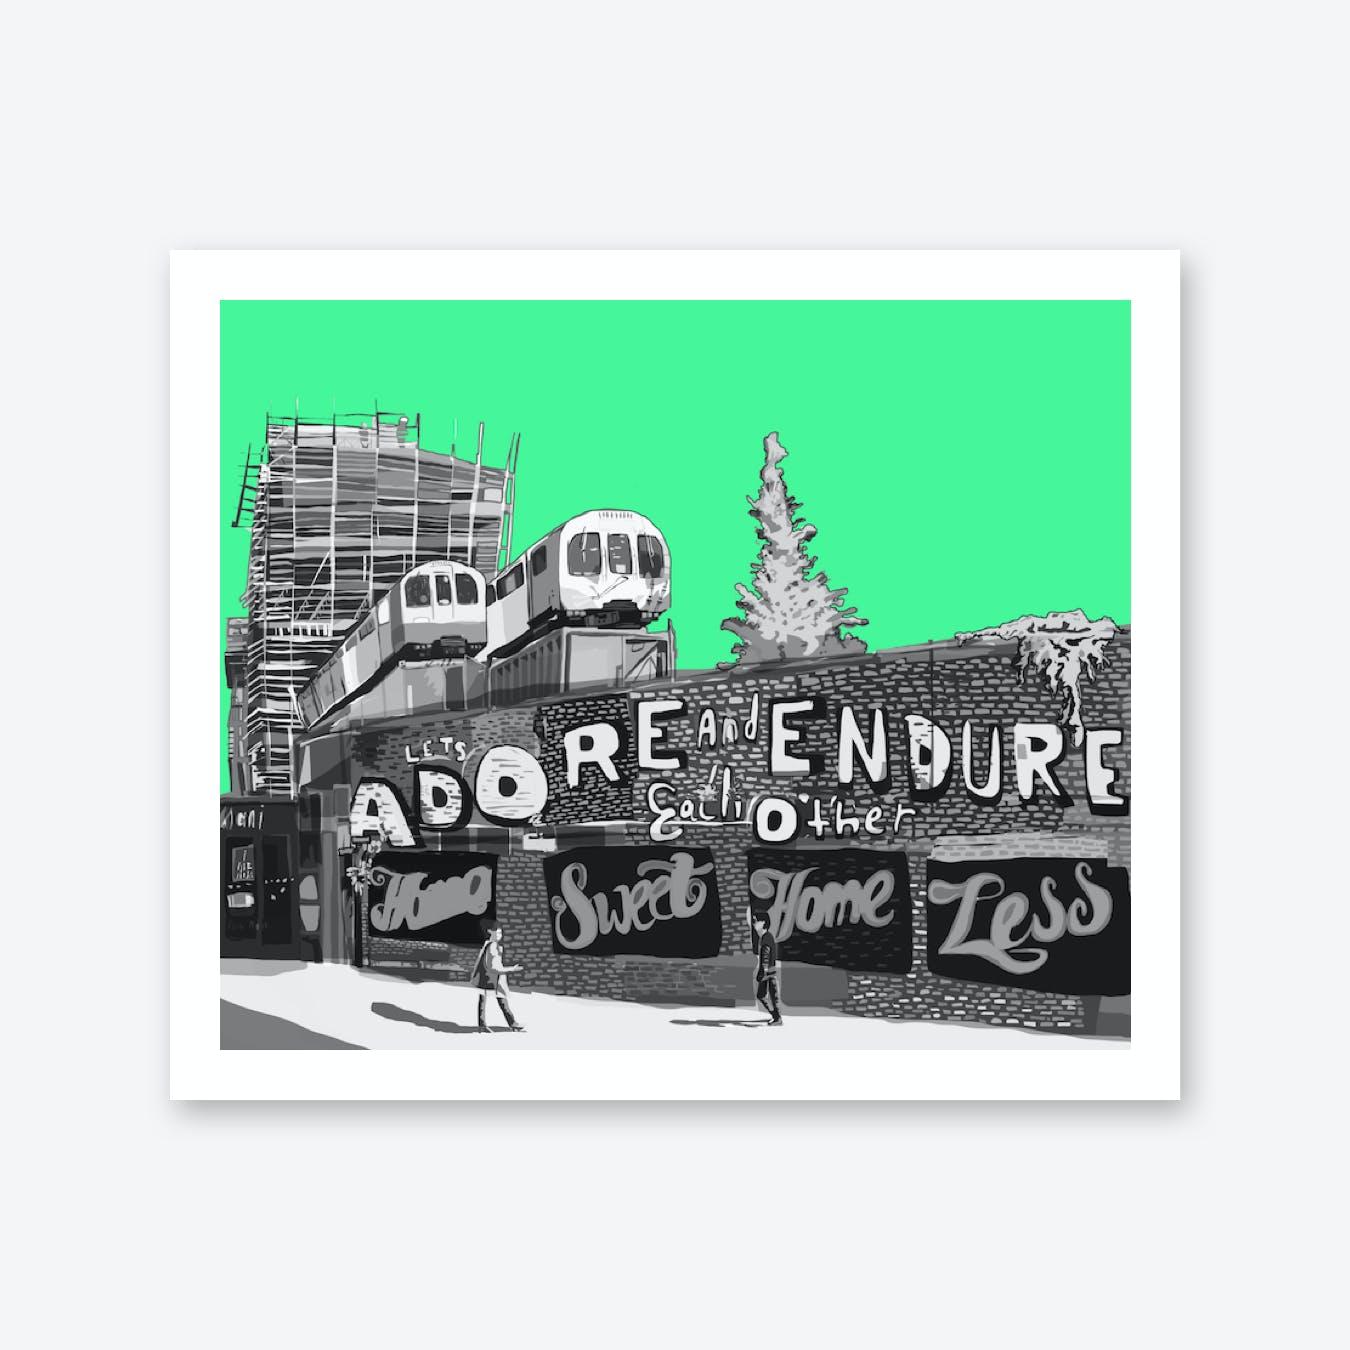 Adore + Endure Green, Shoreditch A3 Print